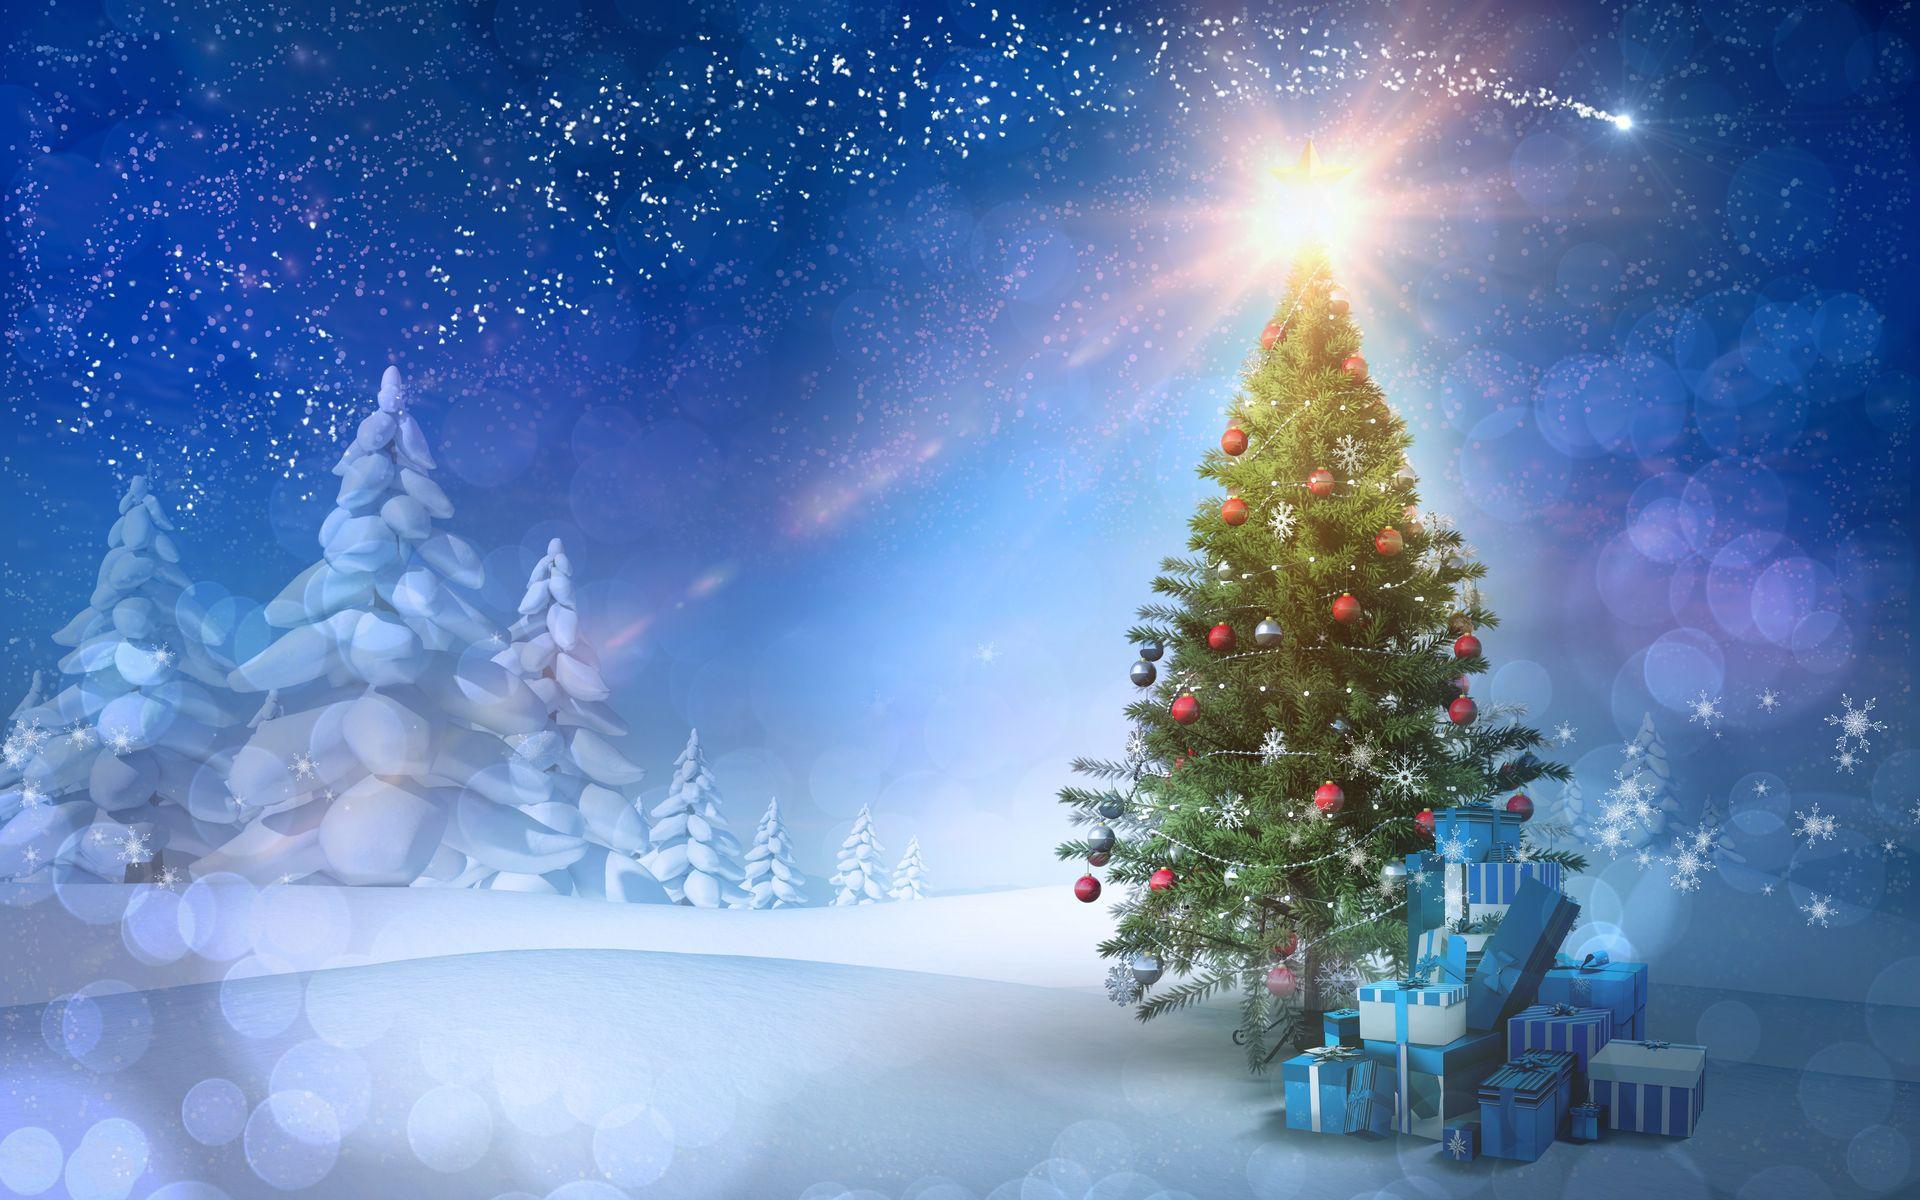 Картинка с ёлочкой и подарками